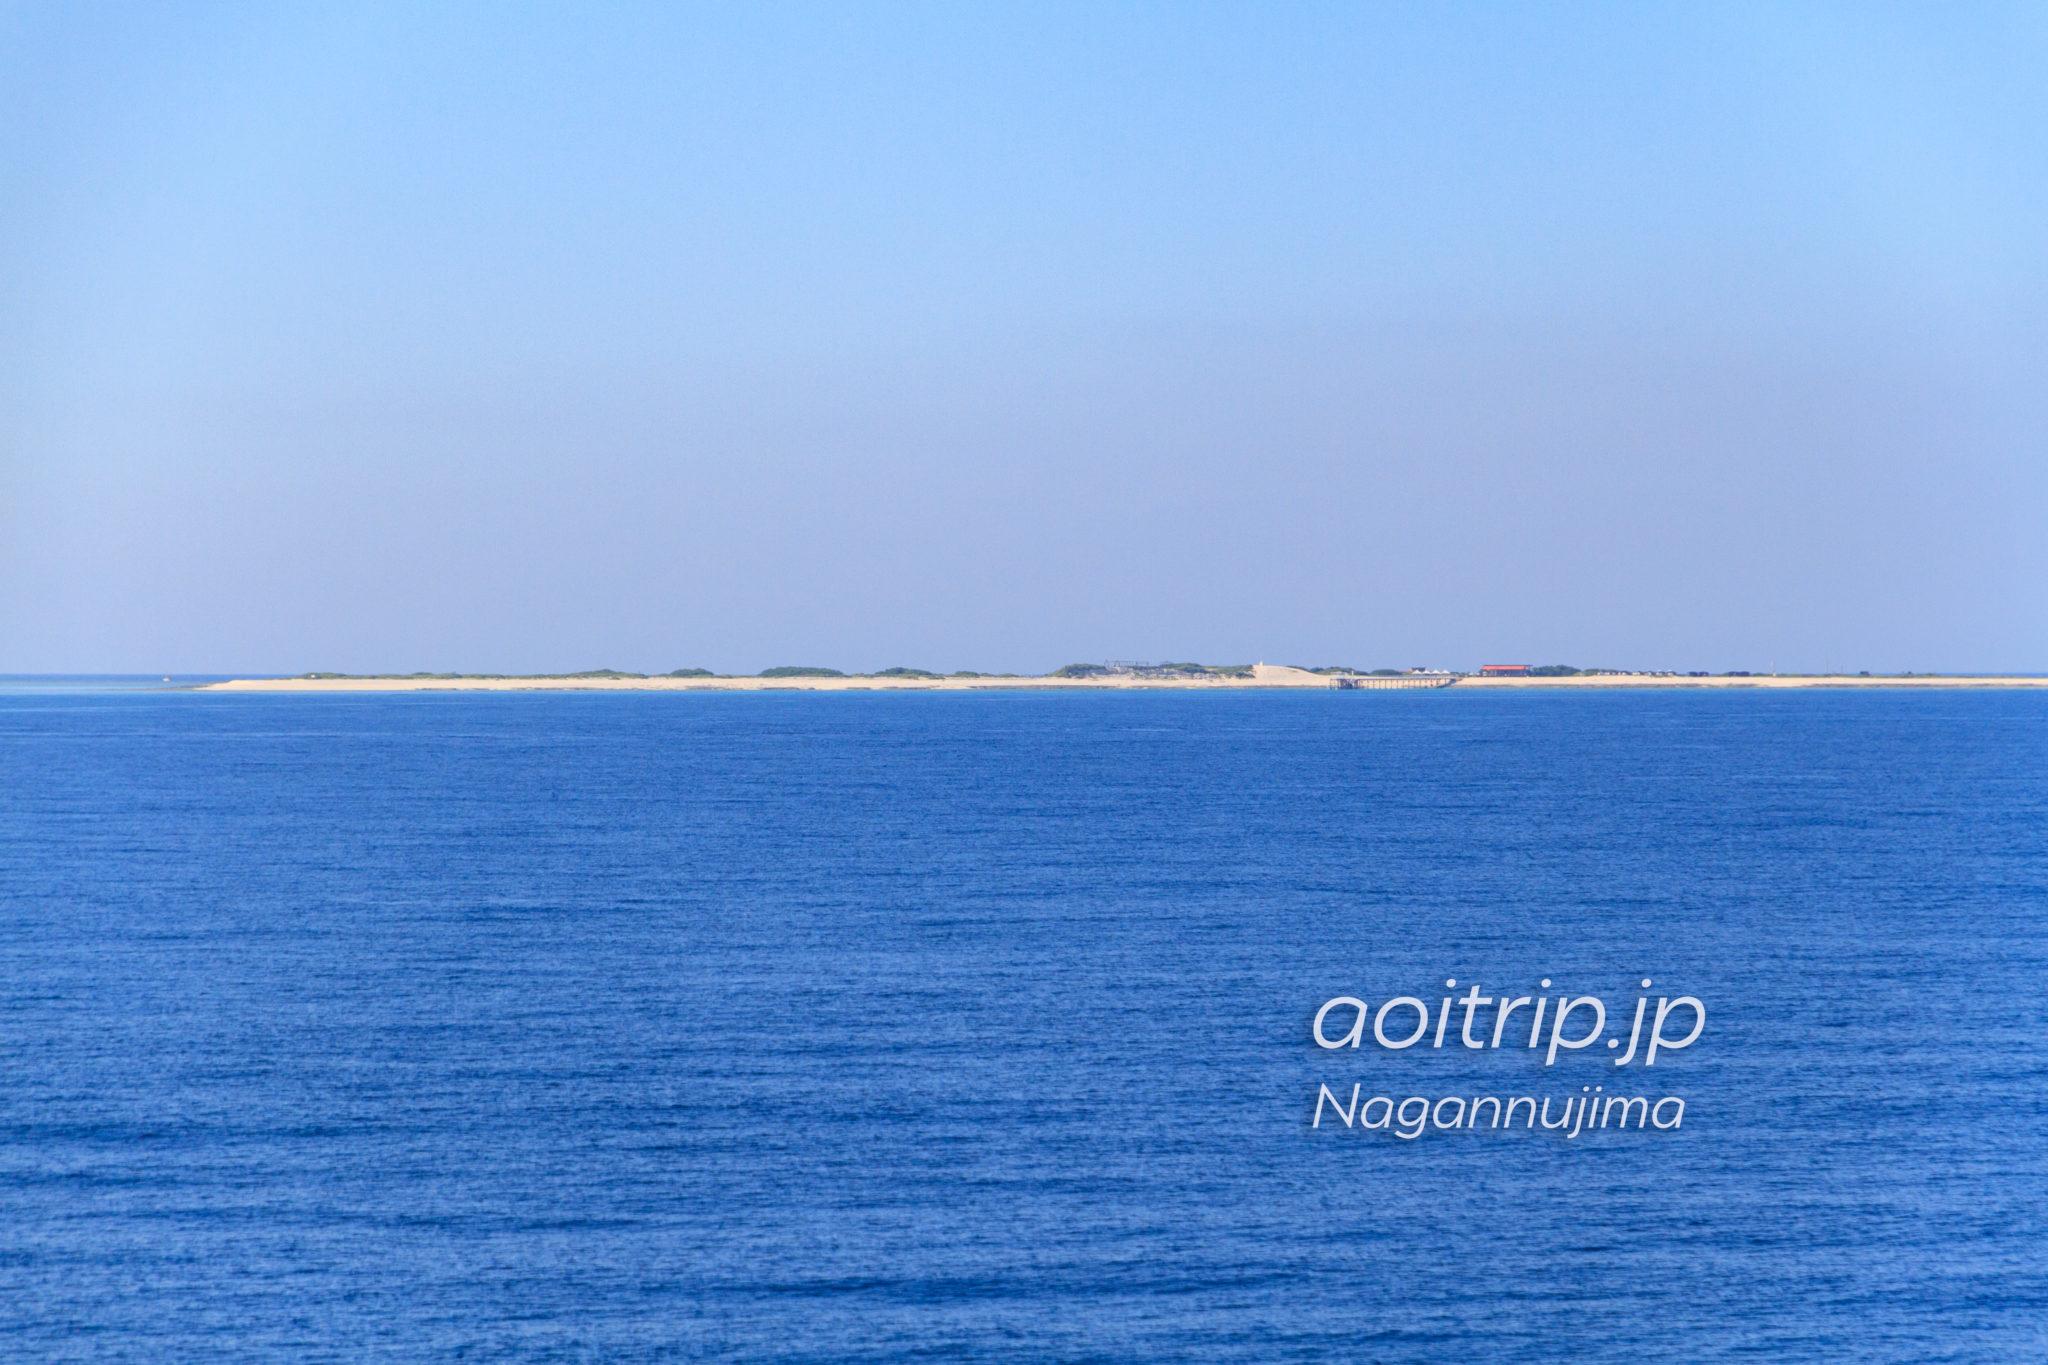 チービシ(ナガンヌ島)